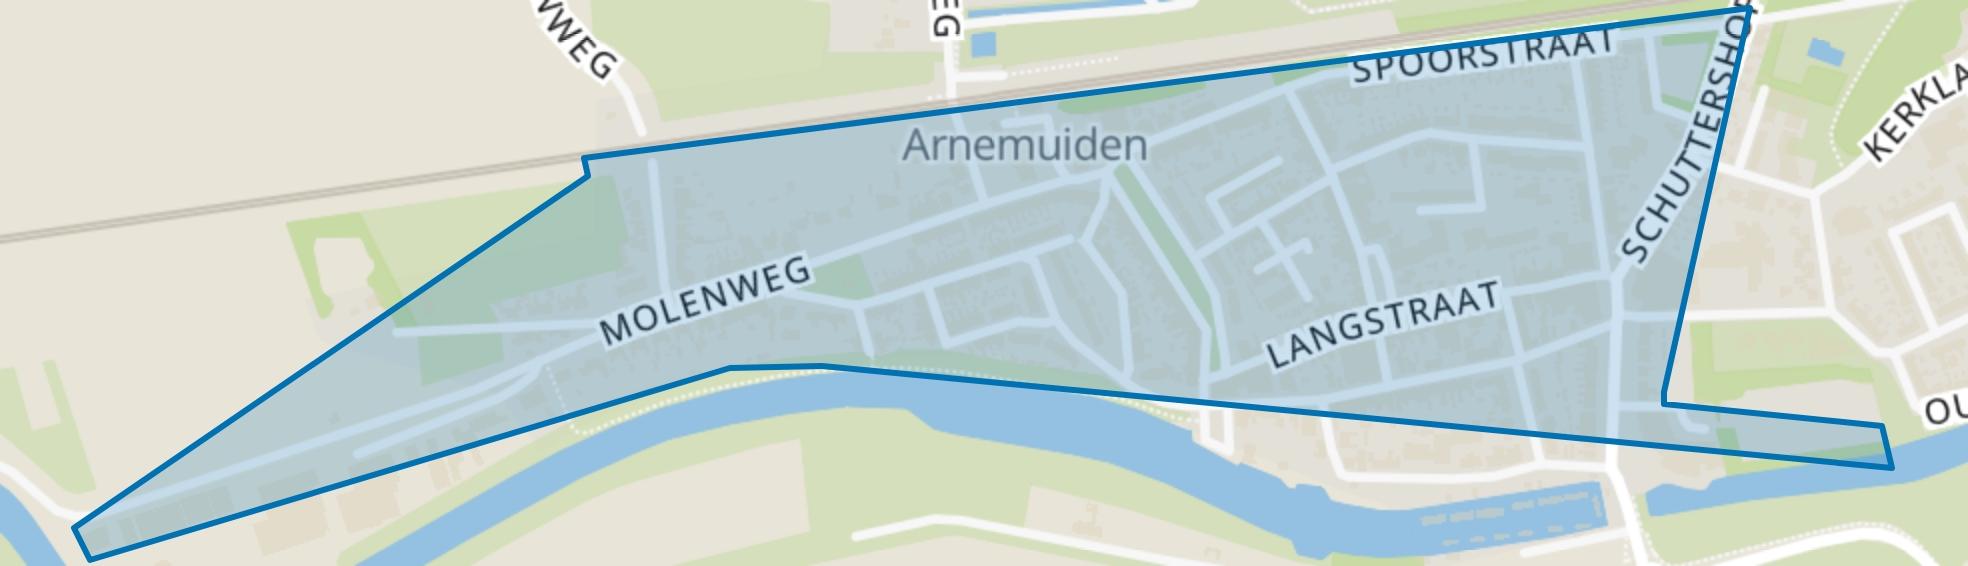 Dorp, Arnemuiden map